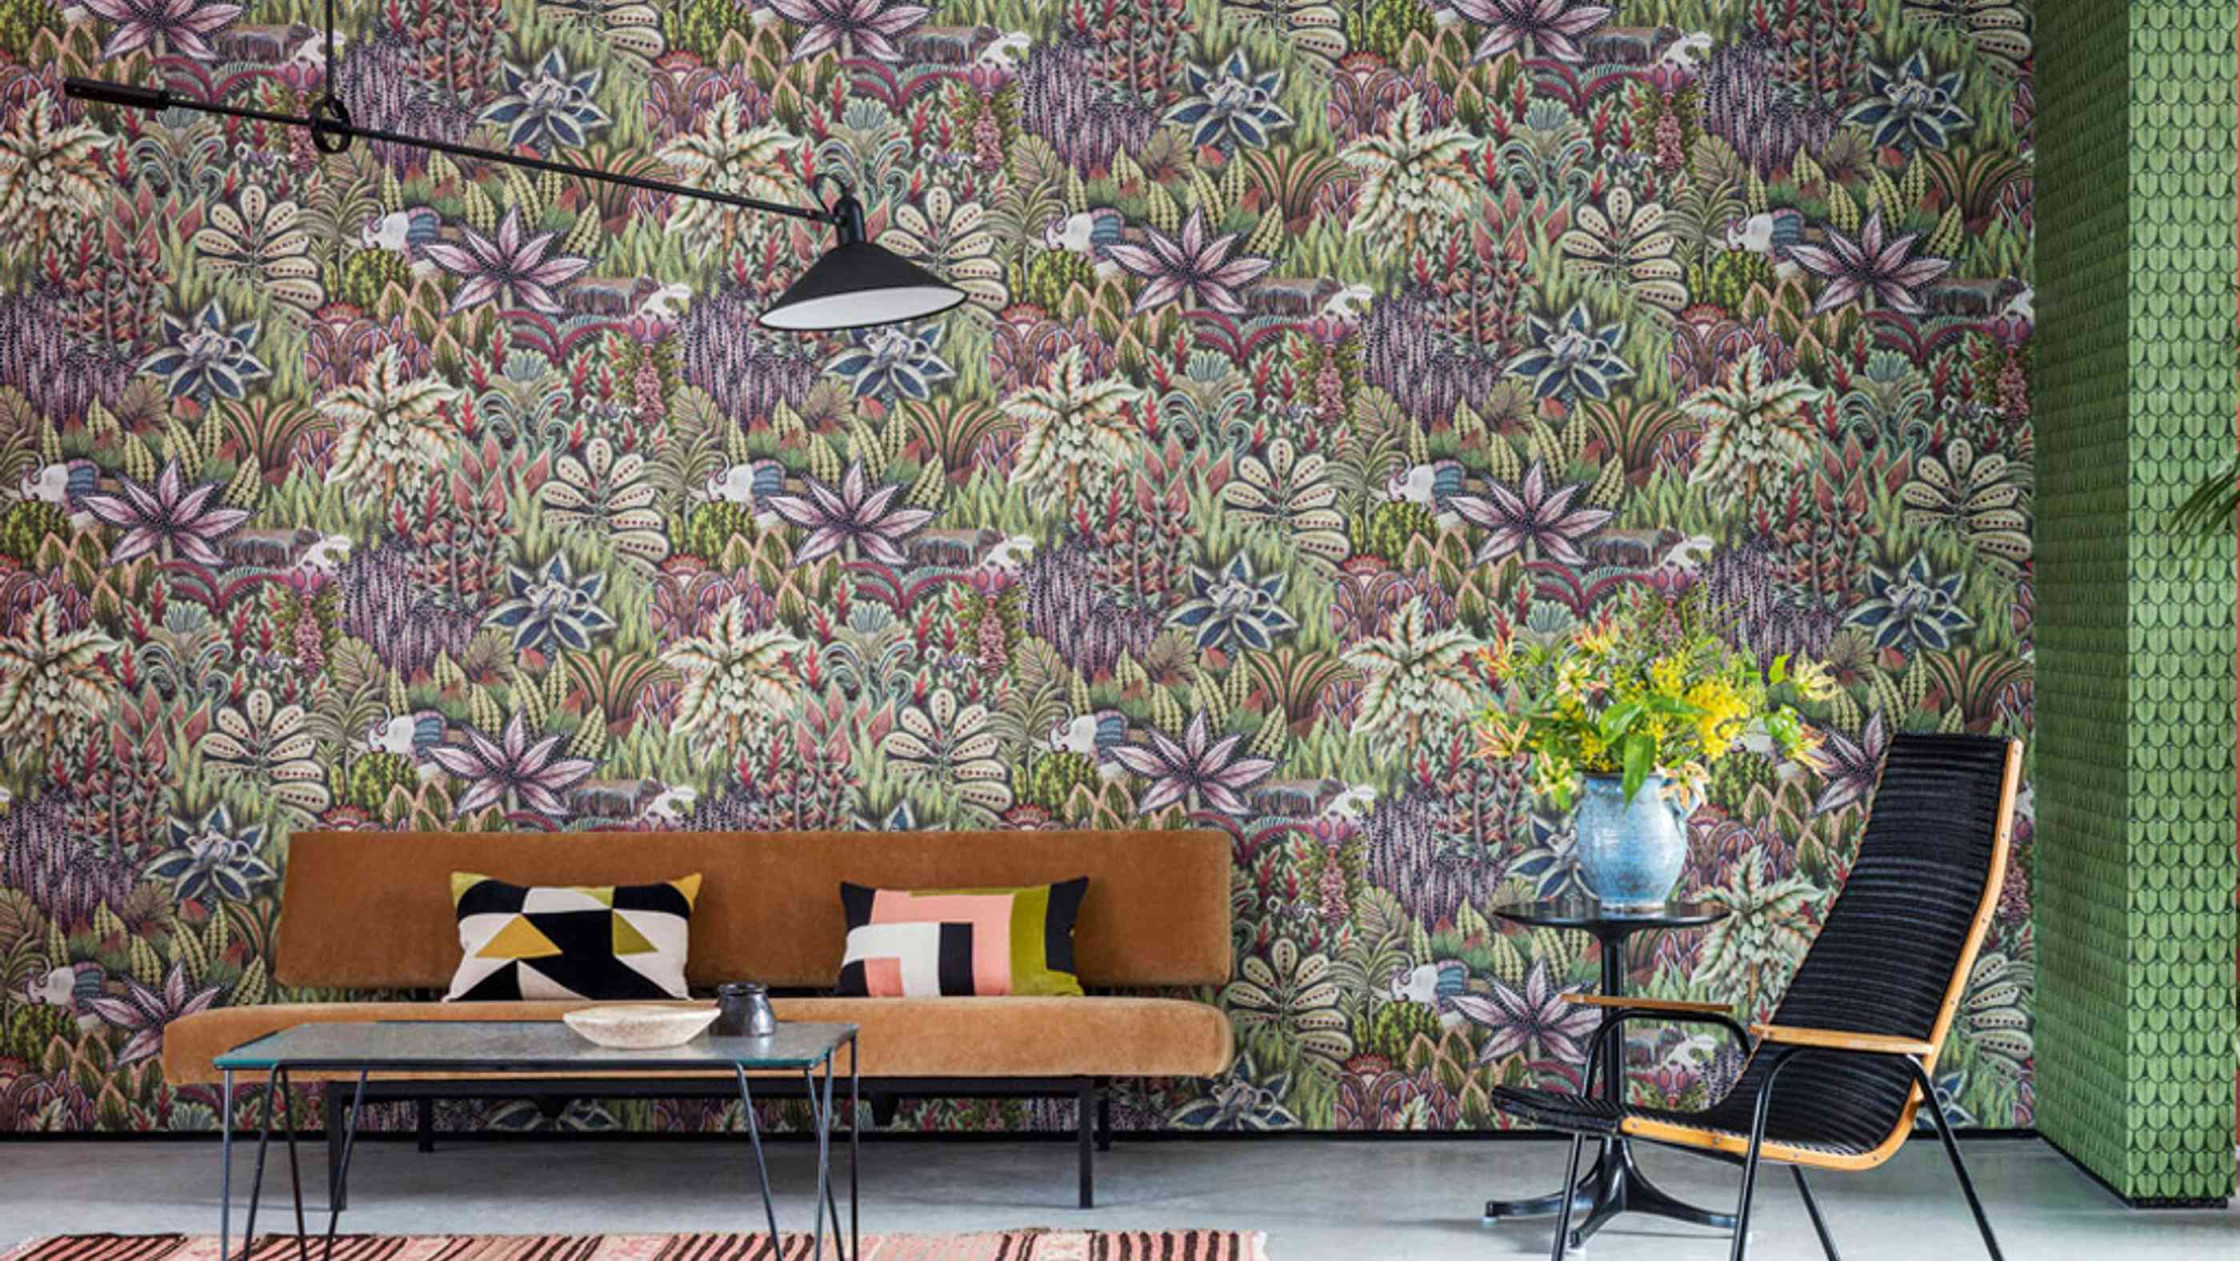 Wandgestaltung Im Wohnzimmer Tipps Zu Farben Tapeten von Tapeten Ideen Wohnzimmer Bild